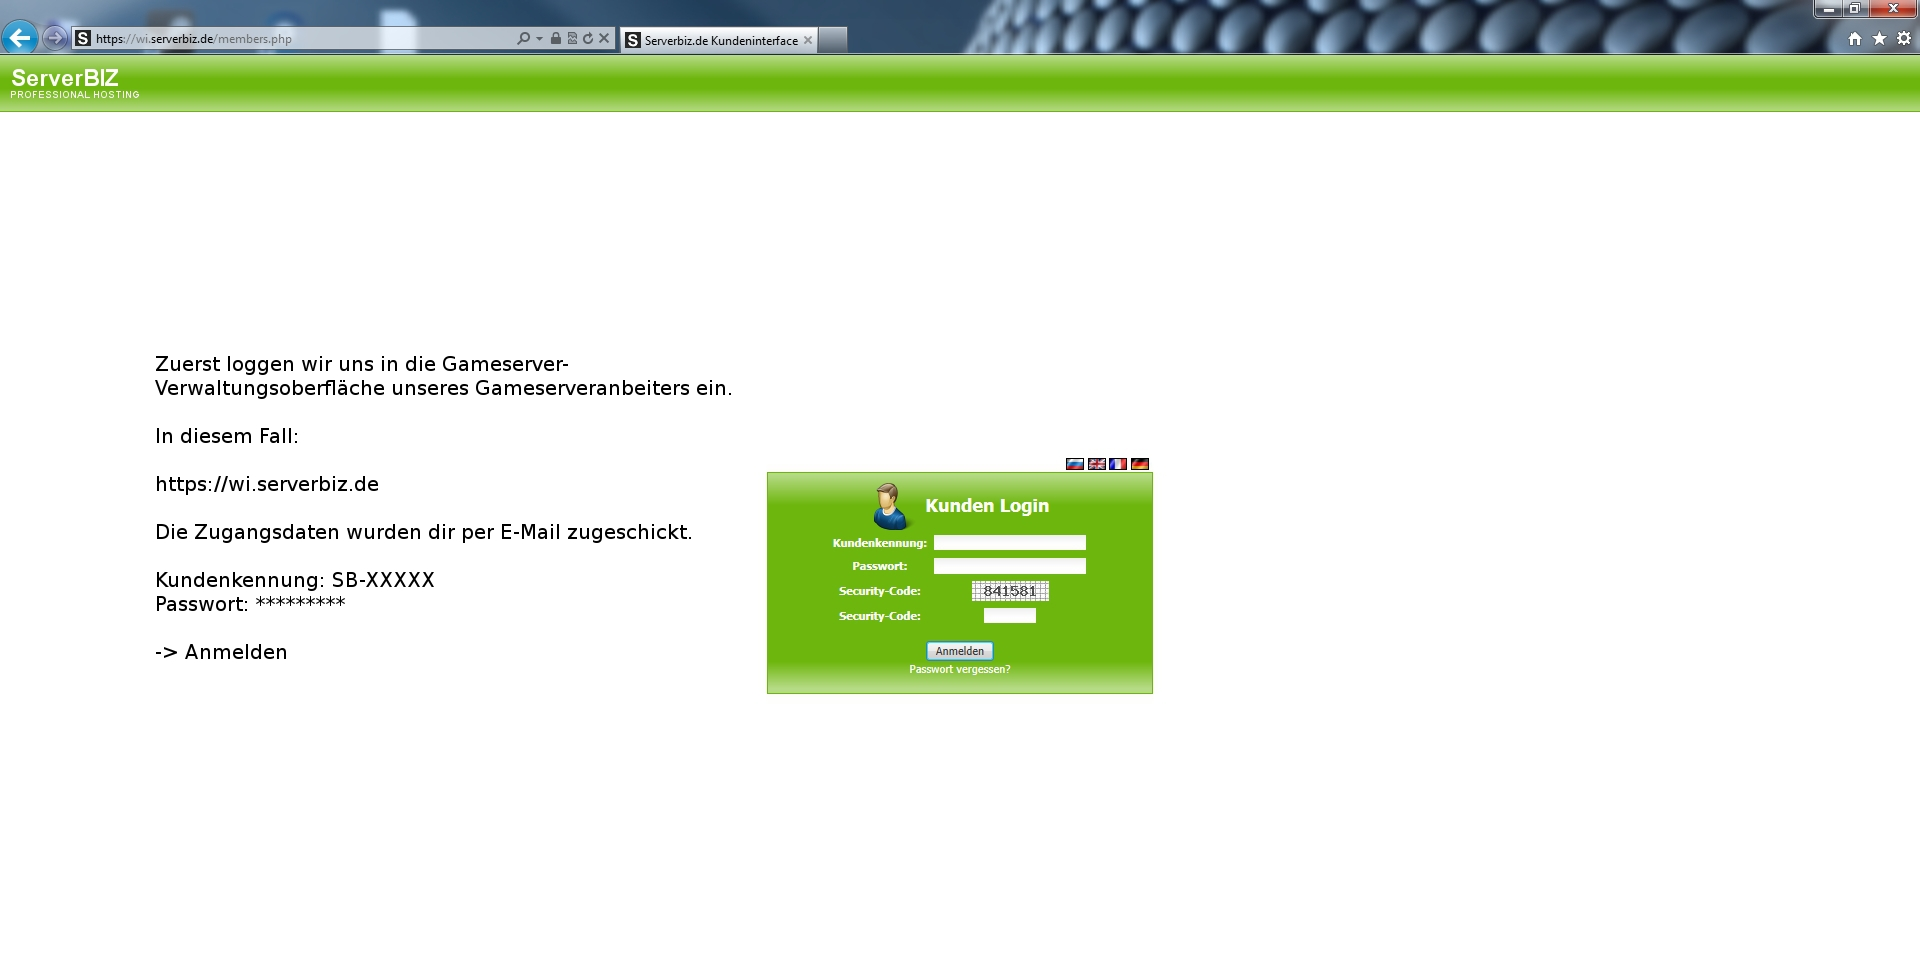 Minecraft Server Bukkit Installieren TekLab WI SERVERBIZ - Minecraft server erstellen vserver